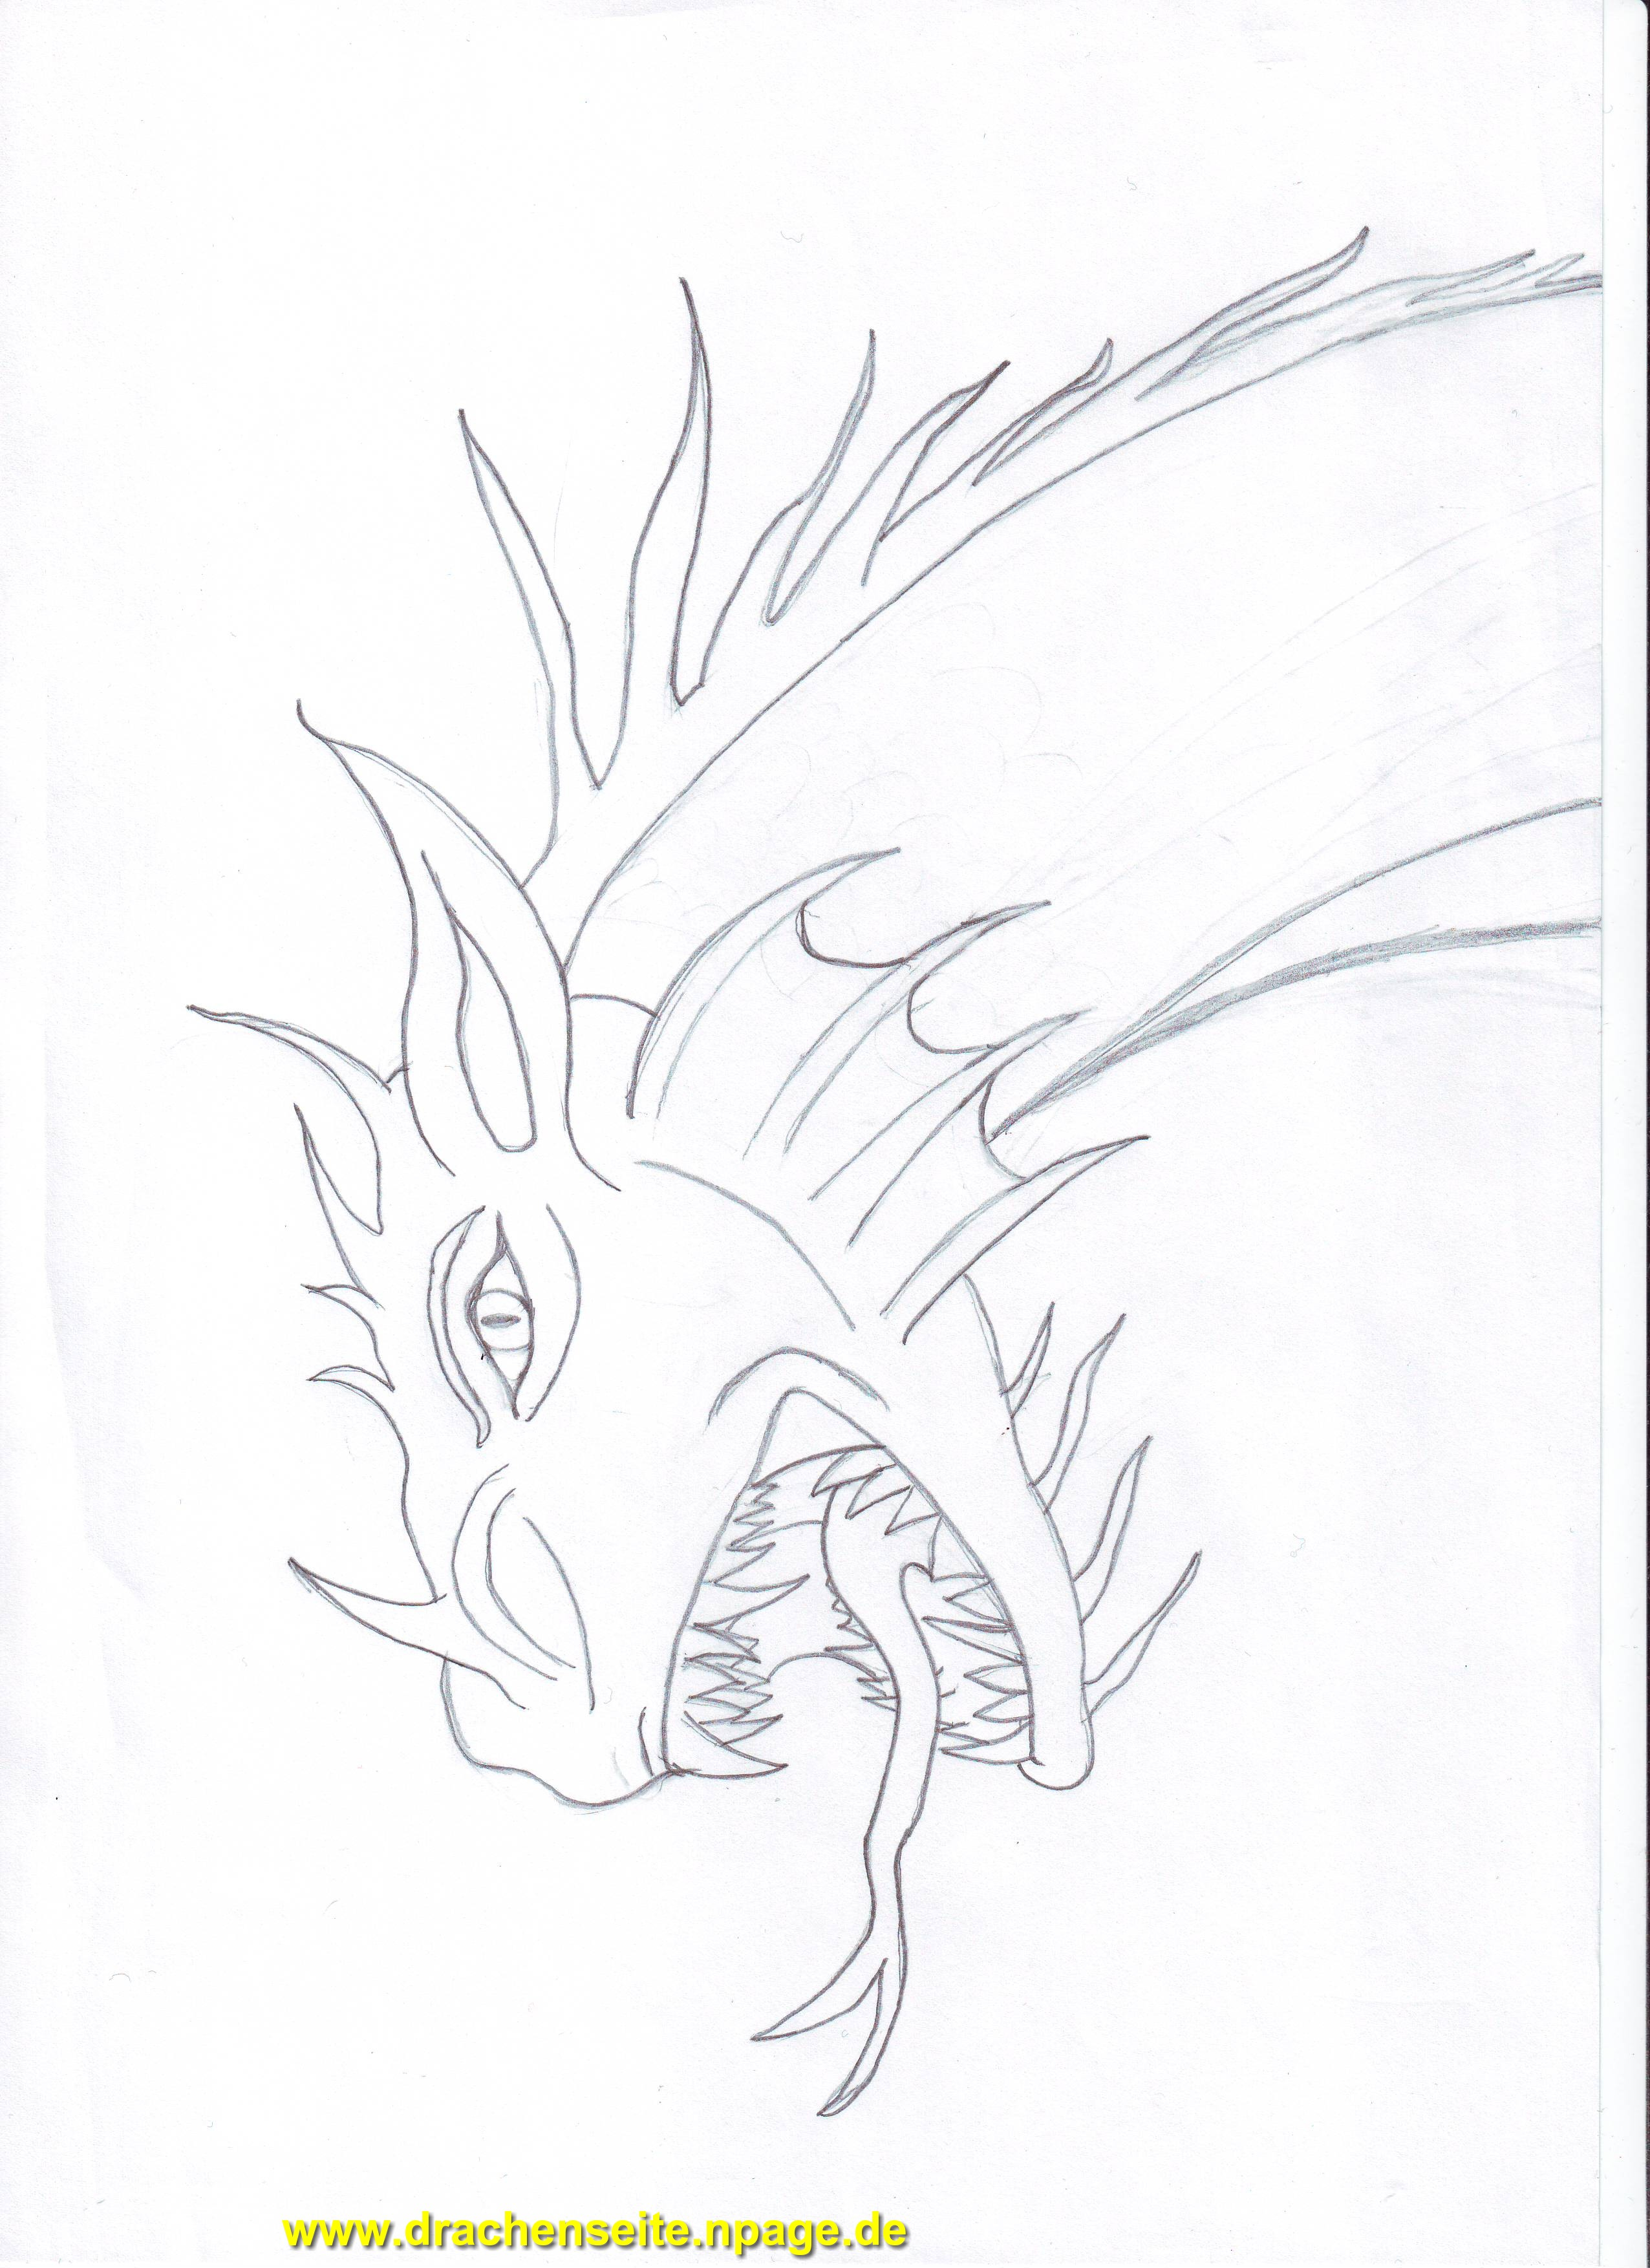 drachen einfach zeichnen